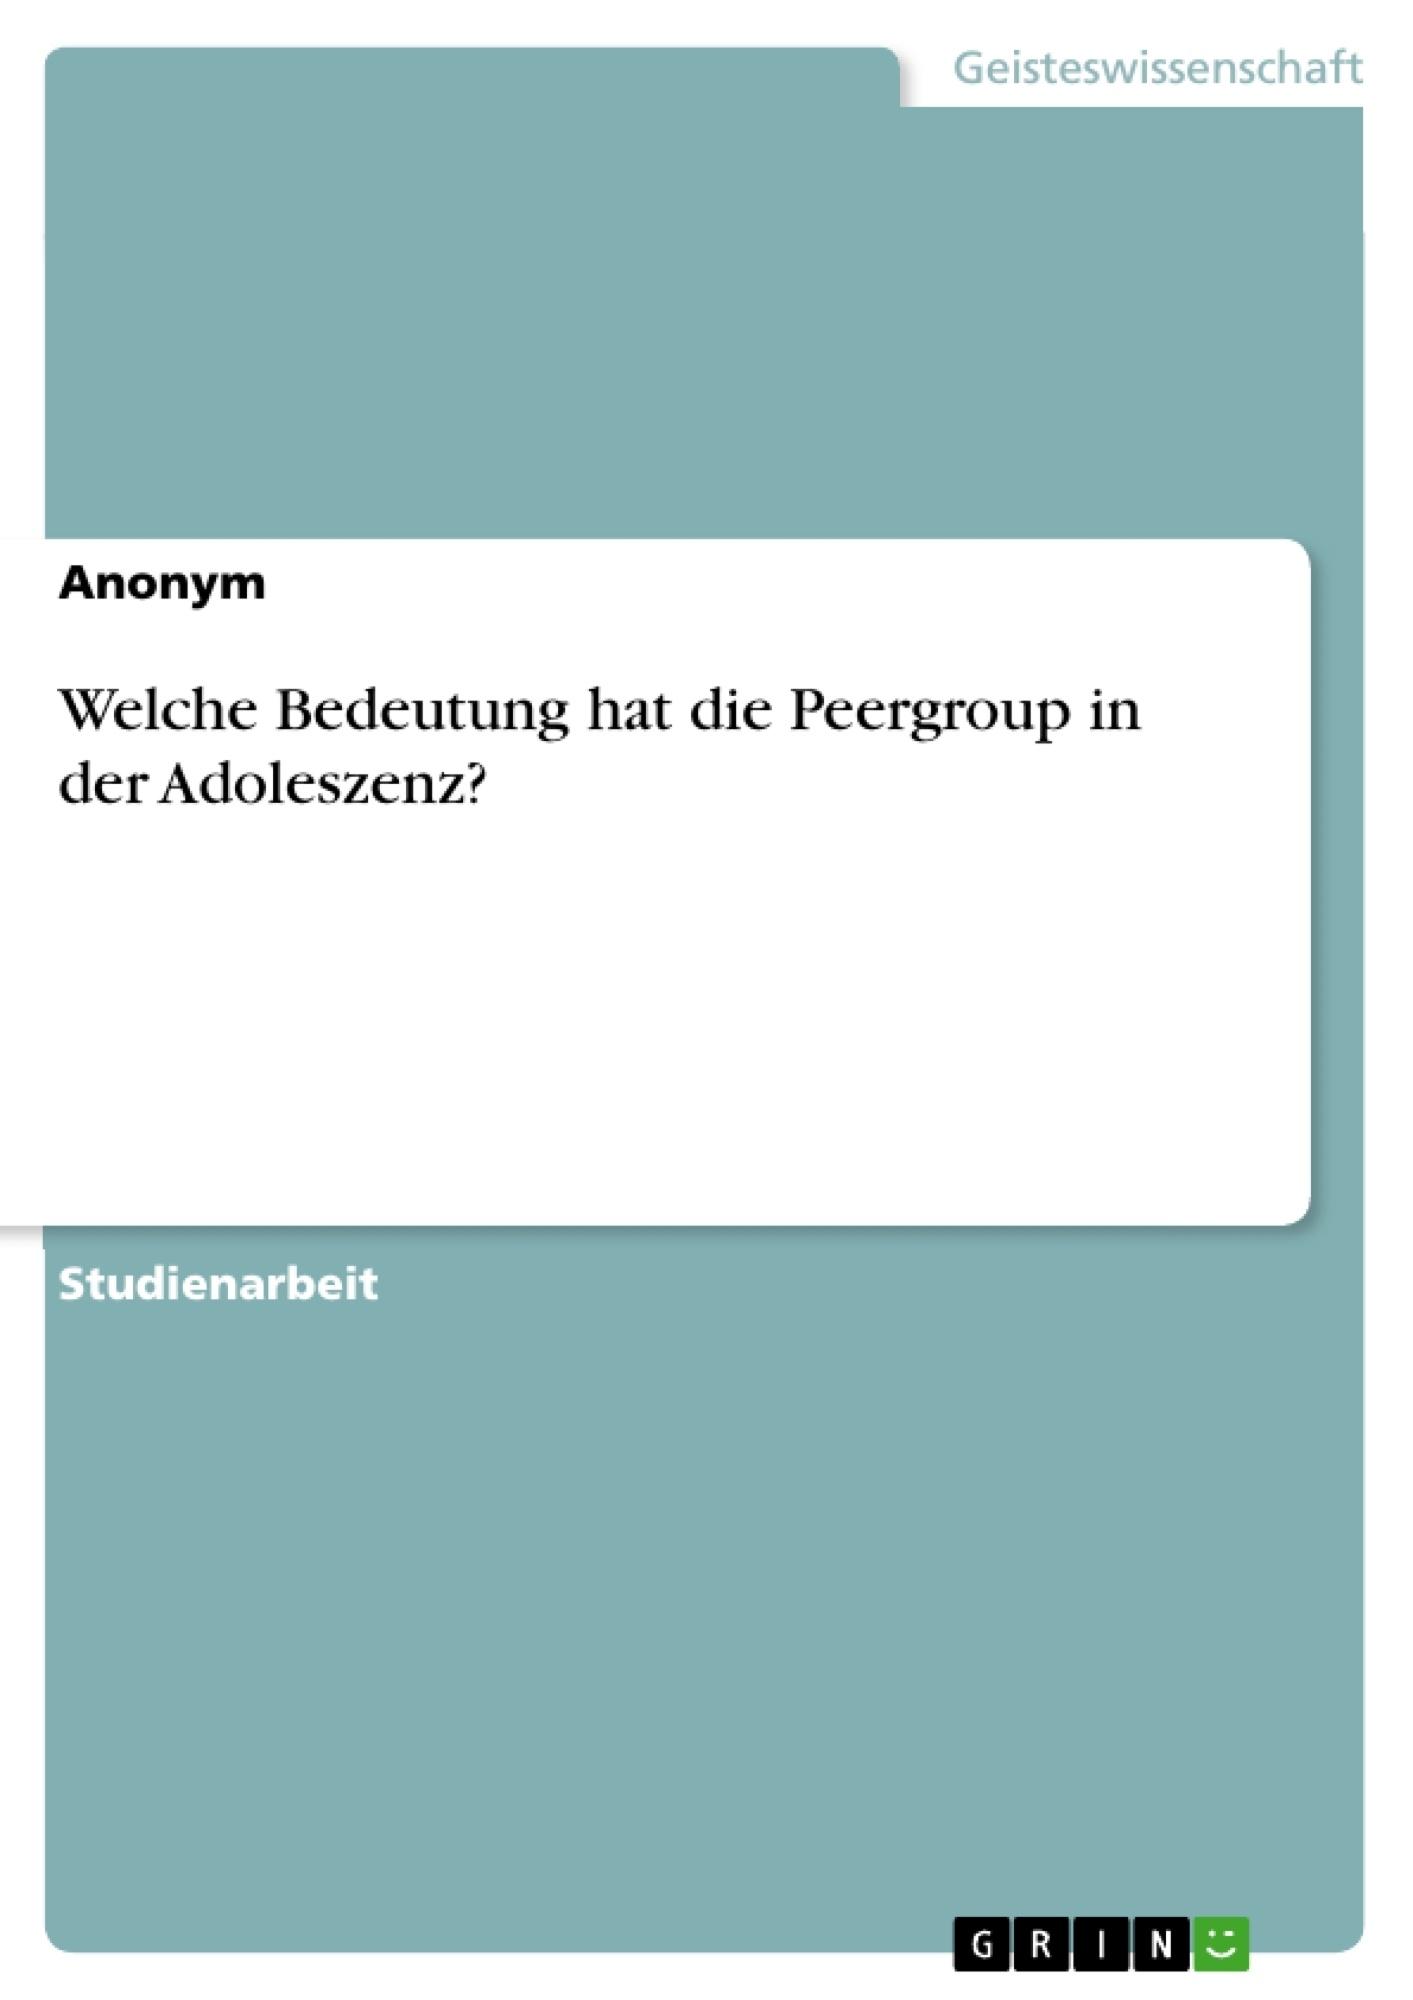 Titel: Welche Bedeutung hat die Peergroup in der Adoleszenz?